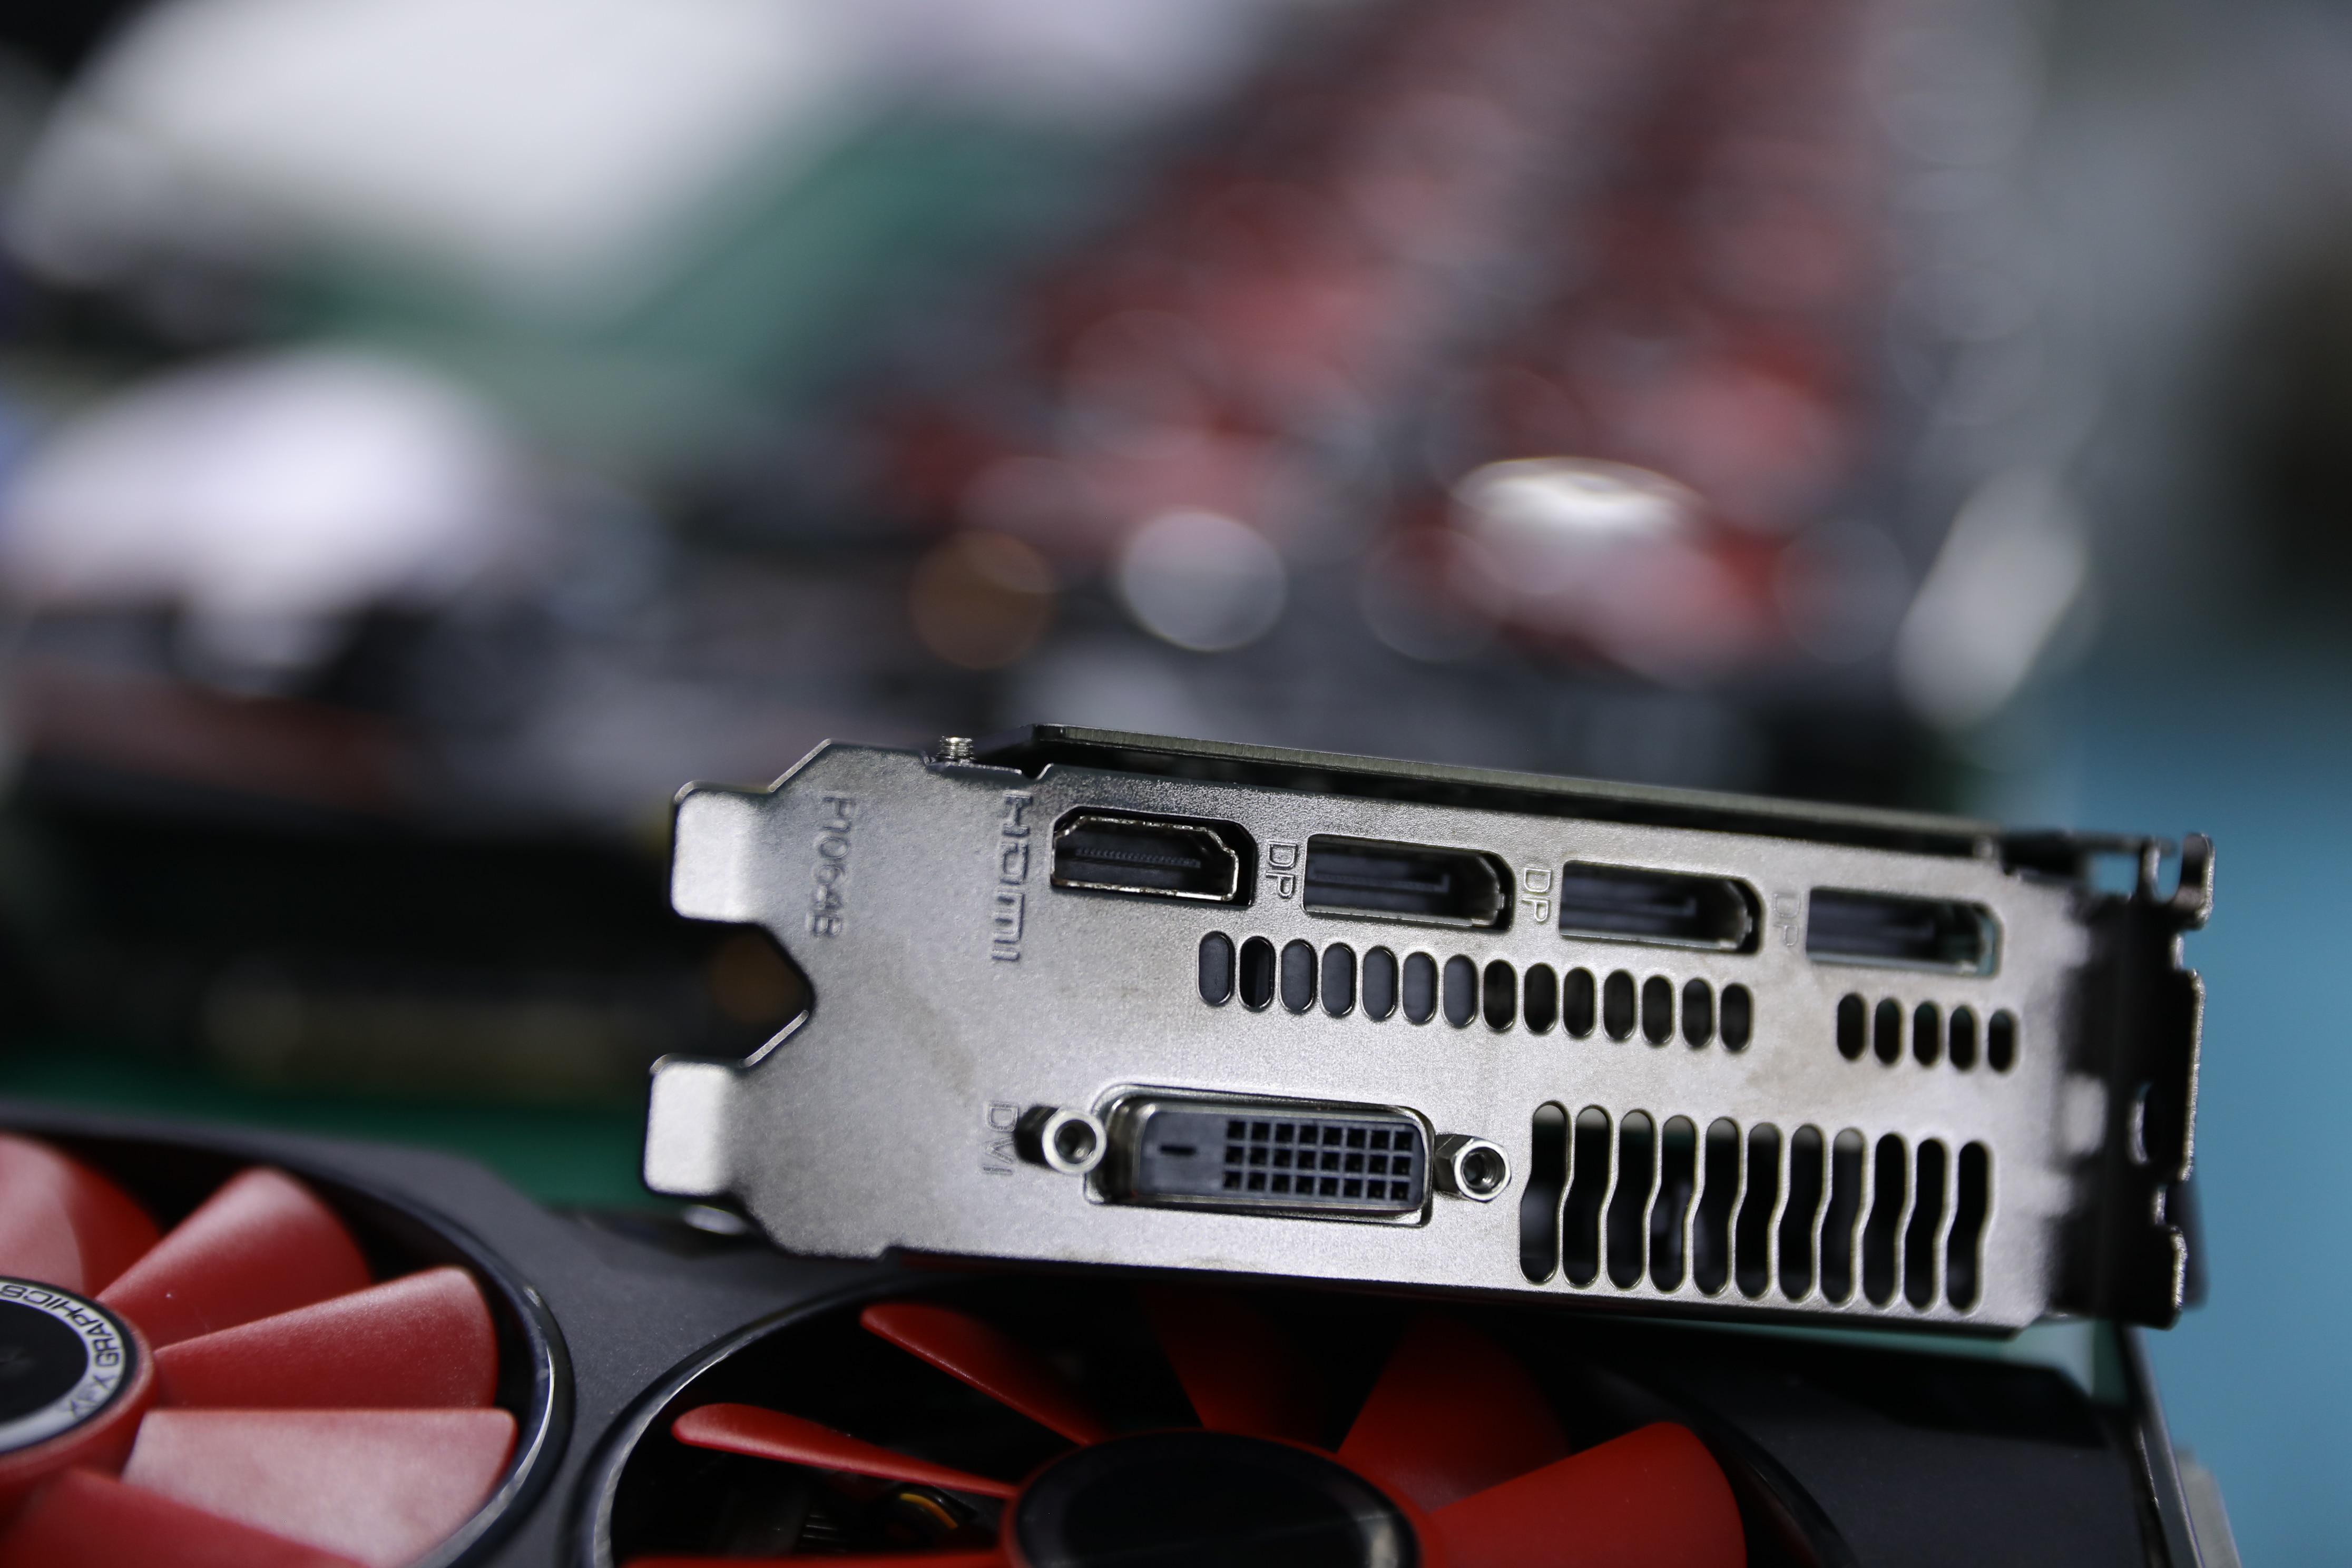 Бывшая в употреблении видеокарта XFX RX 580 8 Гб 2304 580 бит GDDR5 для настольного ПК игровая видеокарта не Майнинг 8G-4